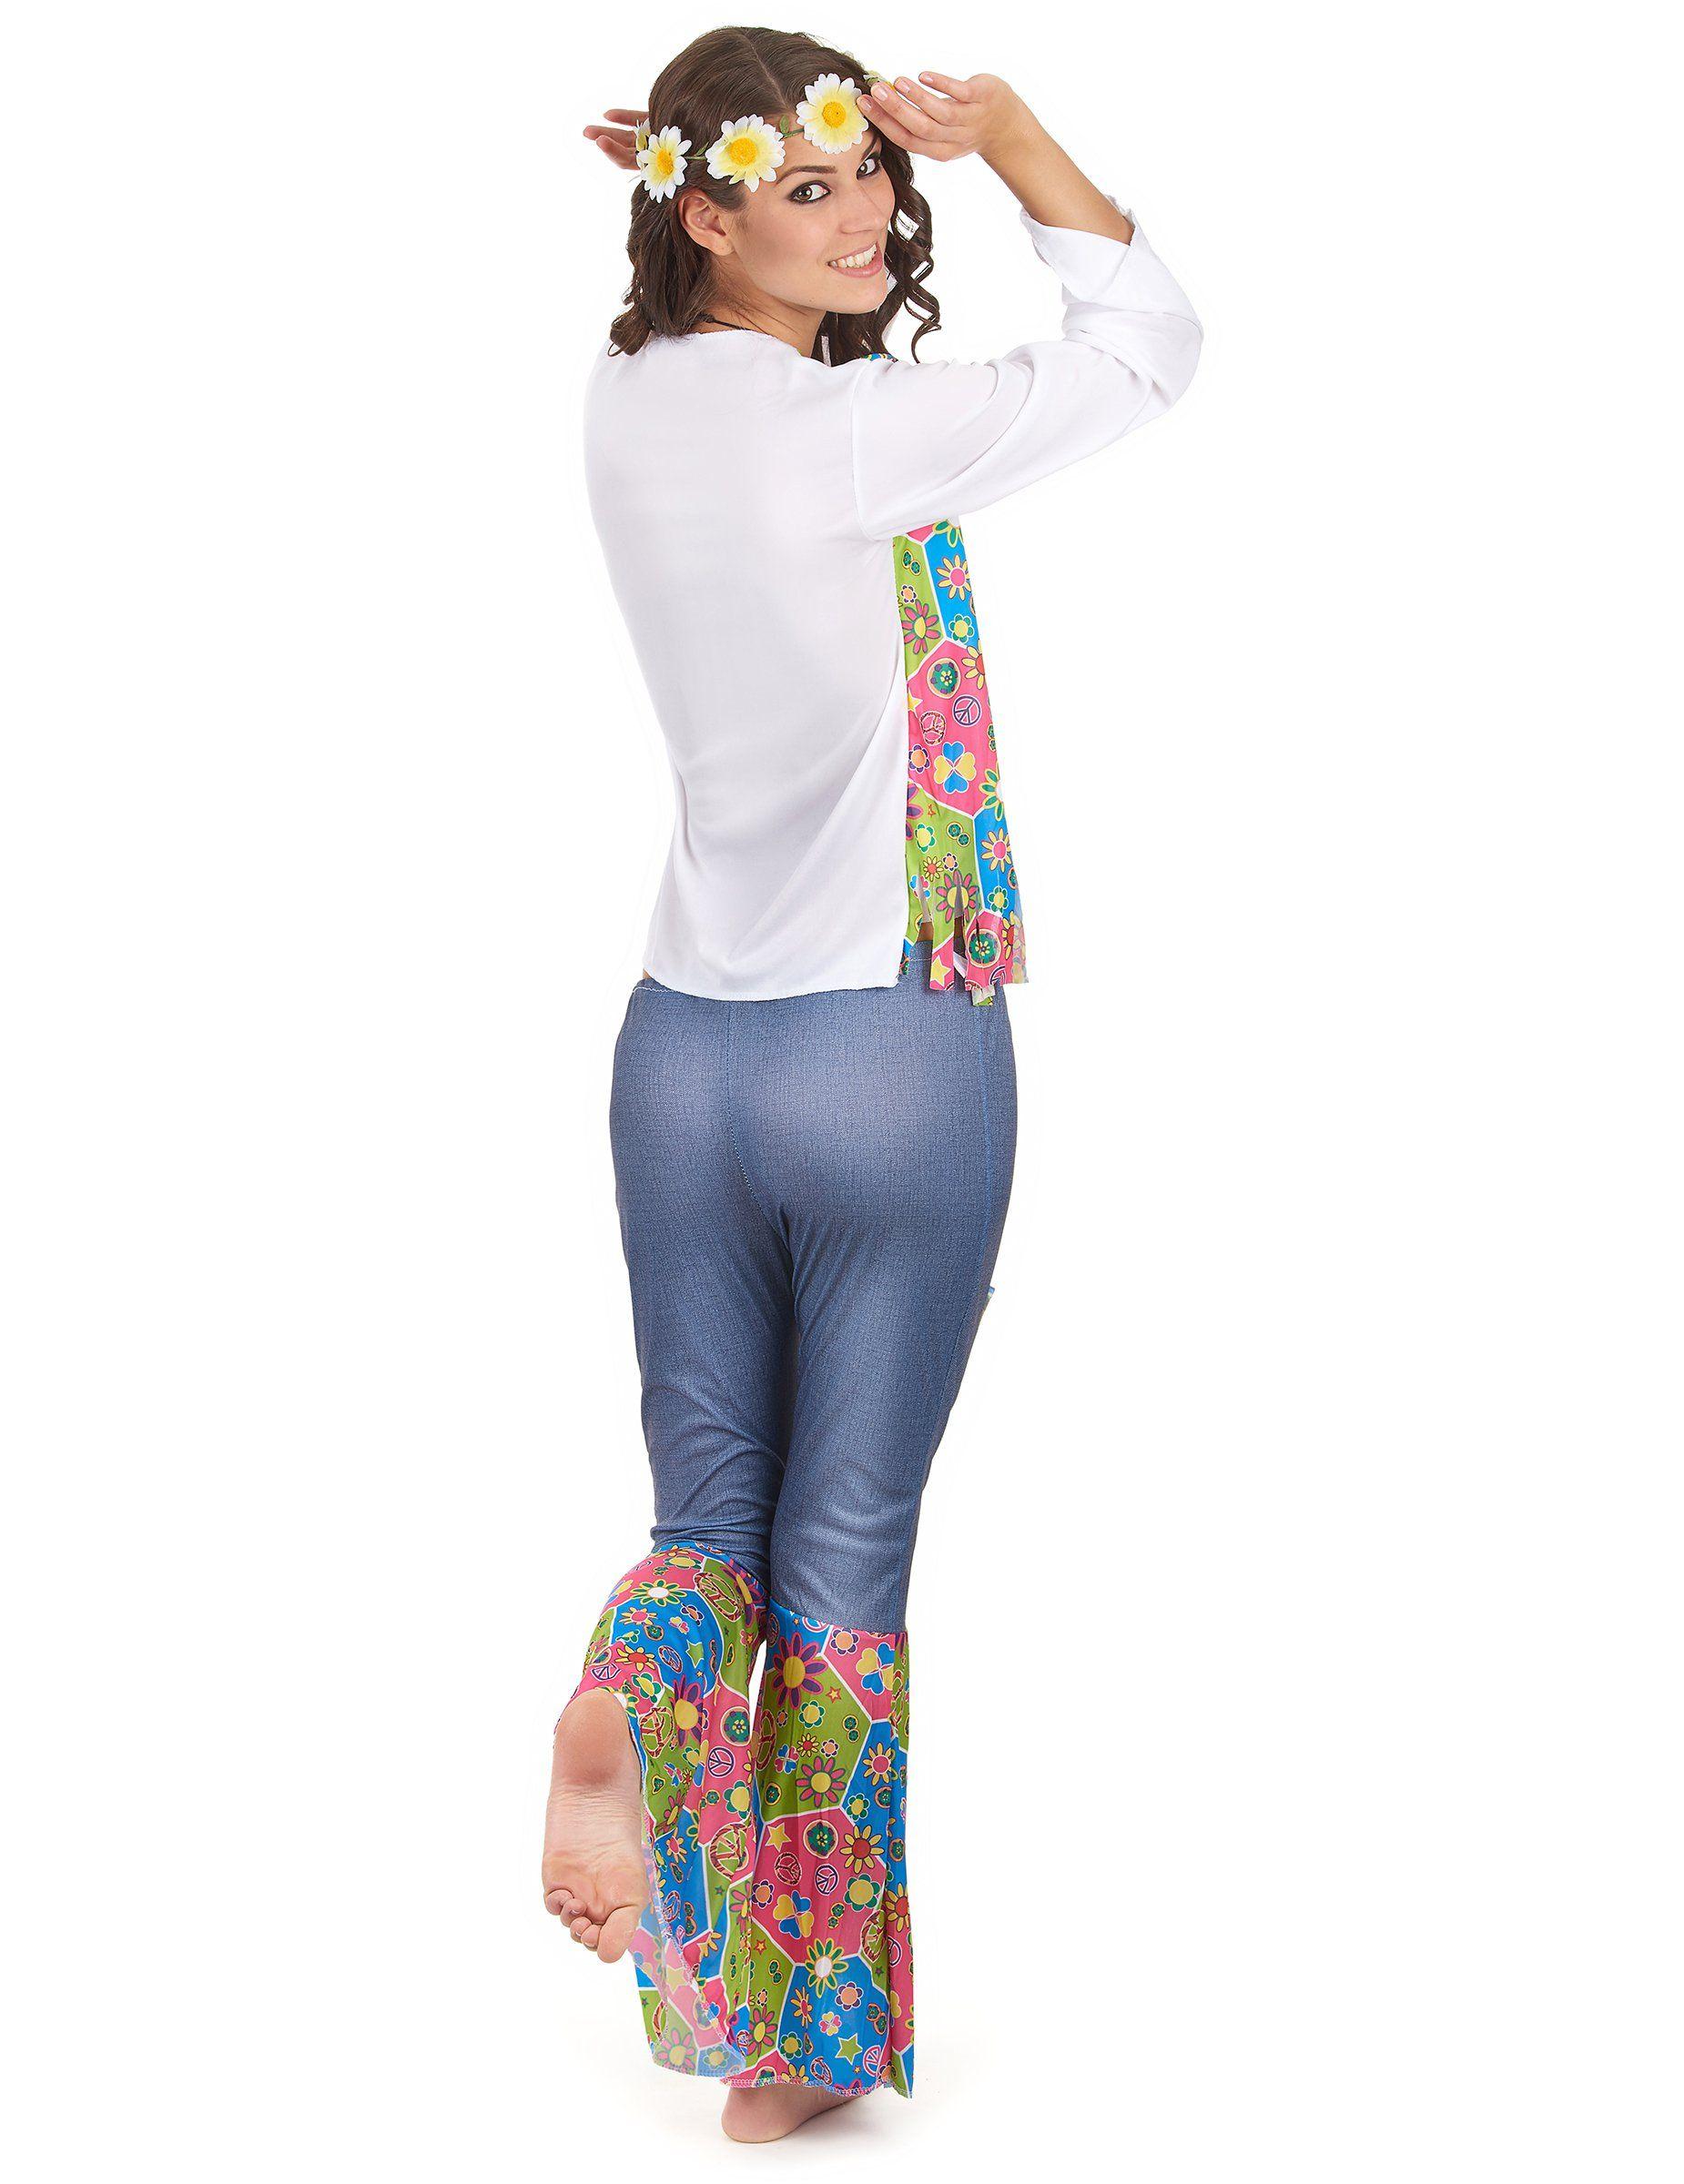 9b00657cec7 Disfraz hippie mujer-2 Disfraz Hippie Mujer, Ropa Hippie, Trajes Hippies,  Vestuario